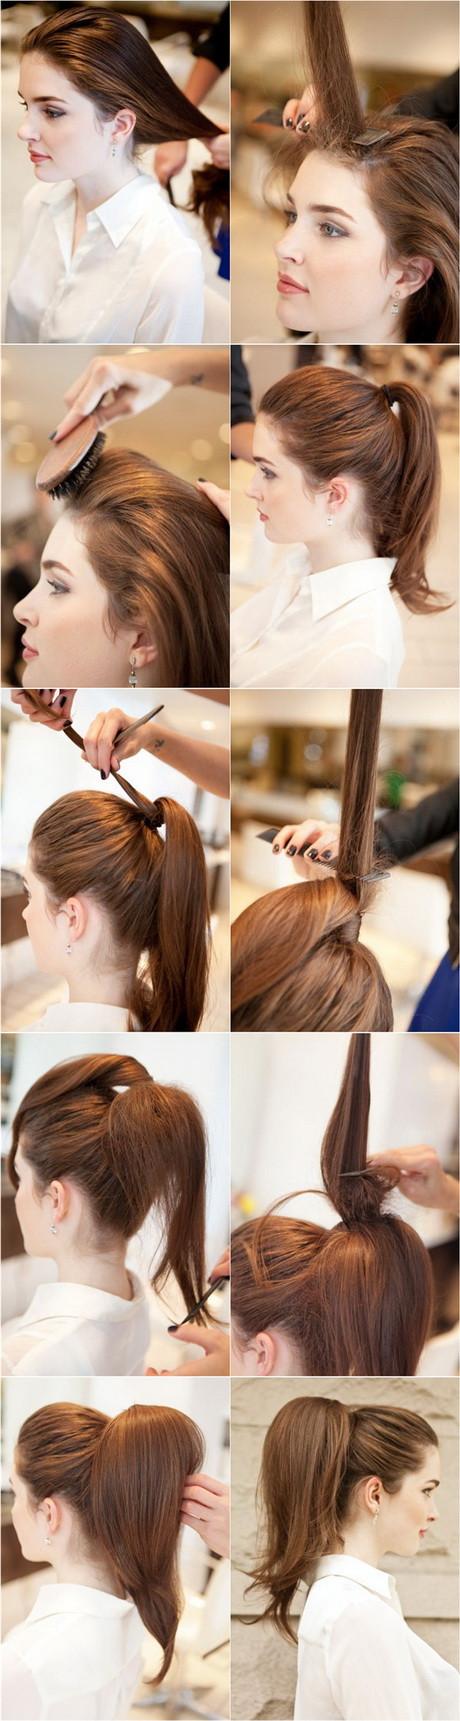 Schöne Einfache Frisuren  Schöne einfache frisuren für lange haare